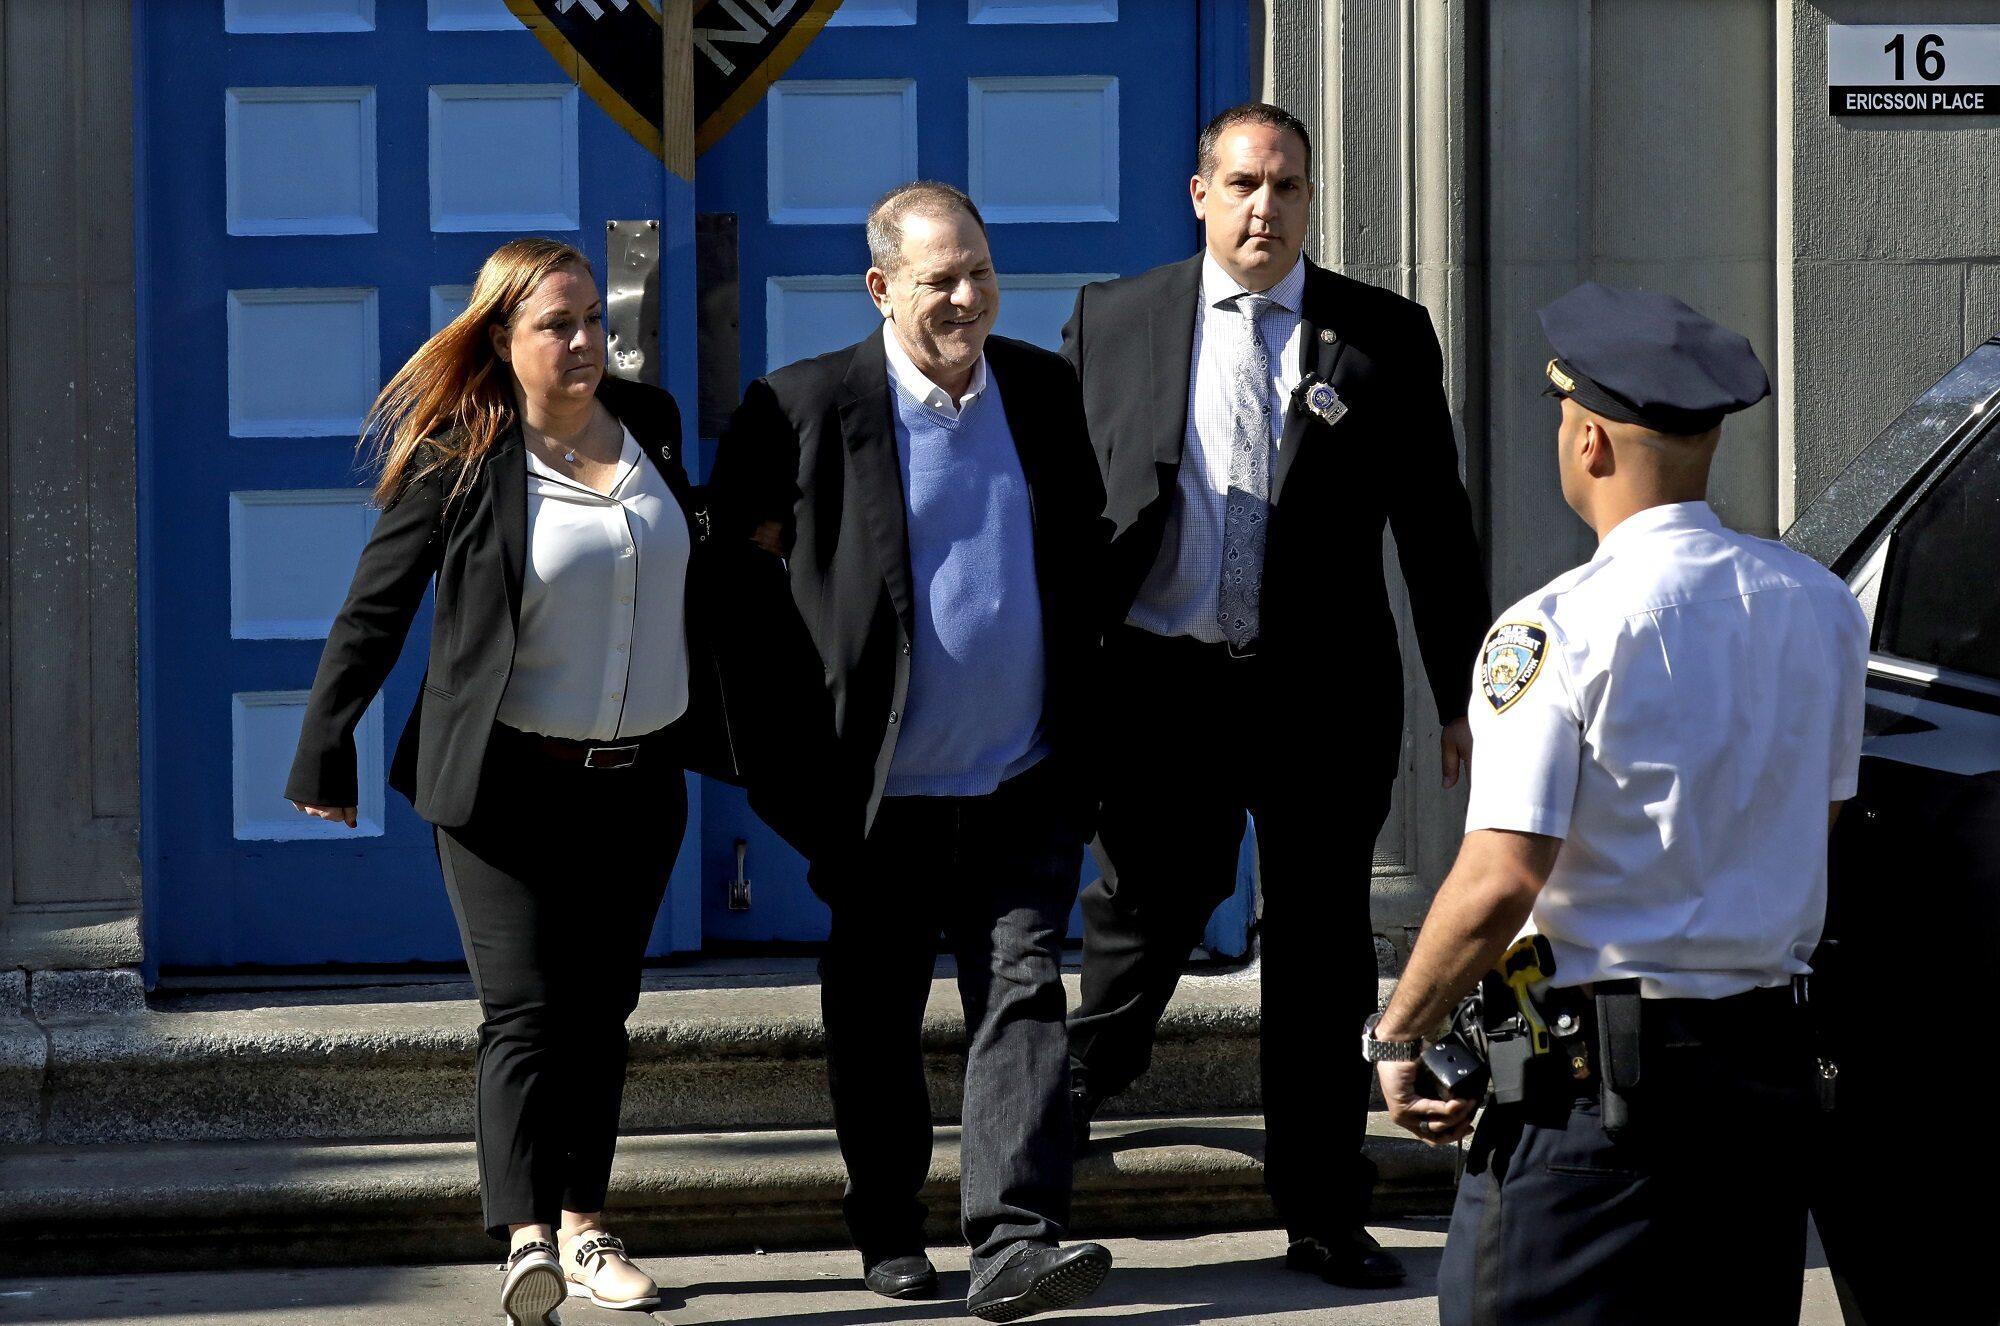 Producent filmowy Harvey Weinstein stawił się dzisiaj na komisariacie policji w Nowym Jorku